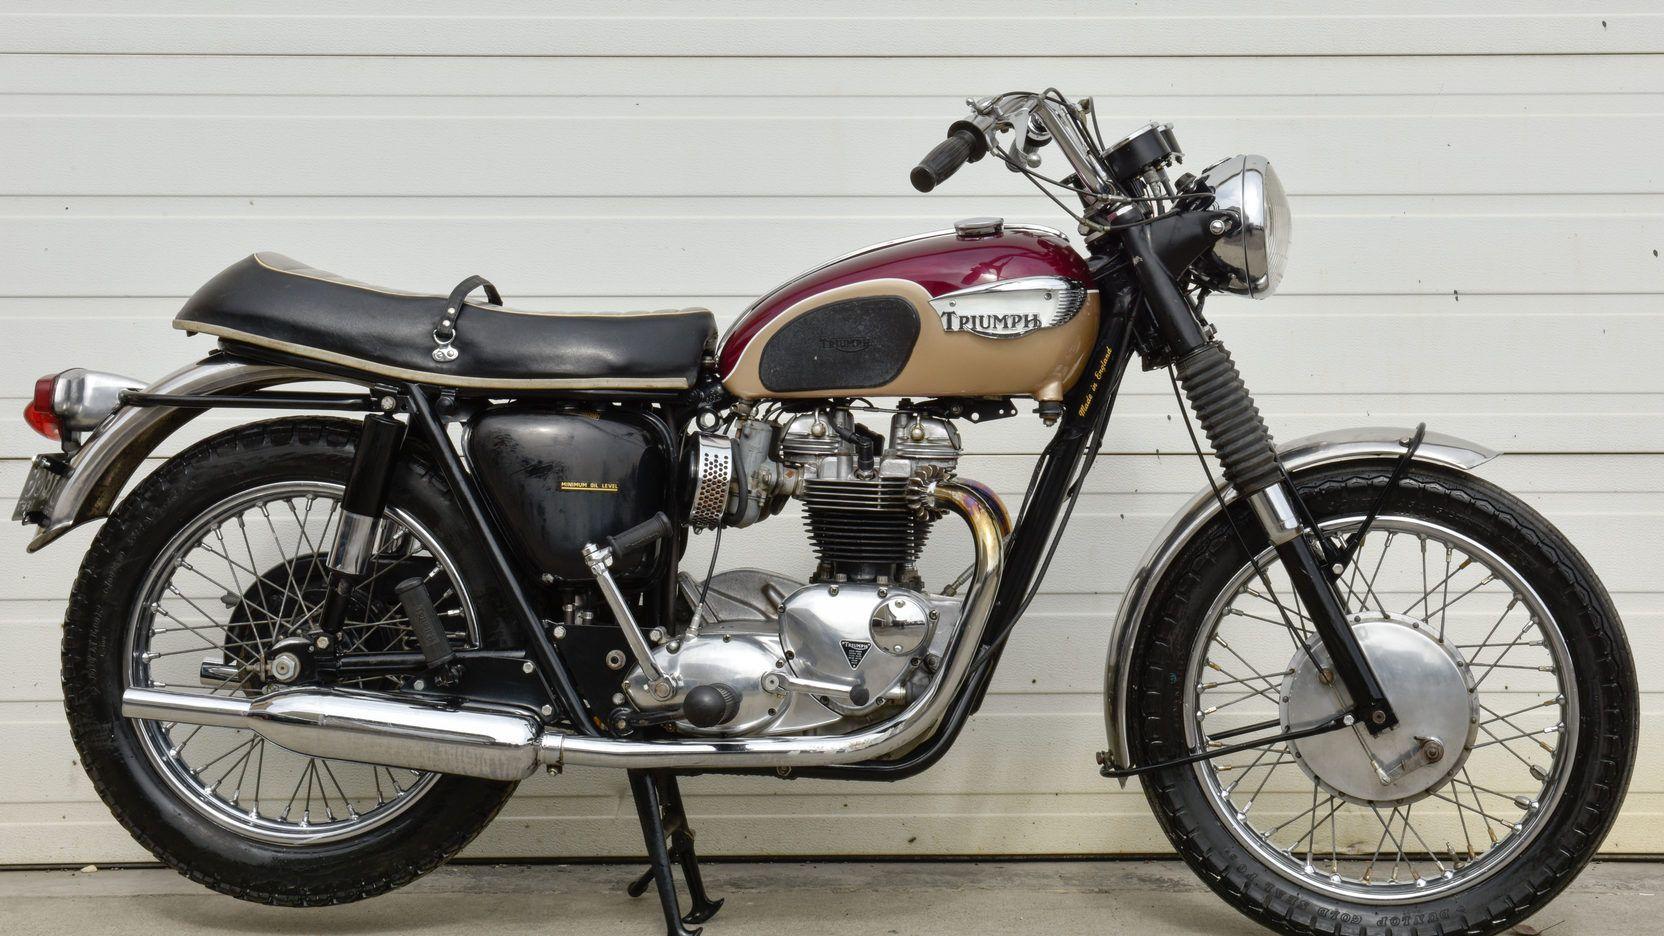 rickman metisse kit with triumph trident engine and avon speedflow